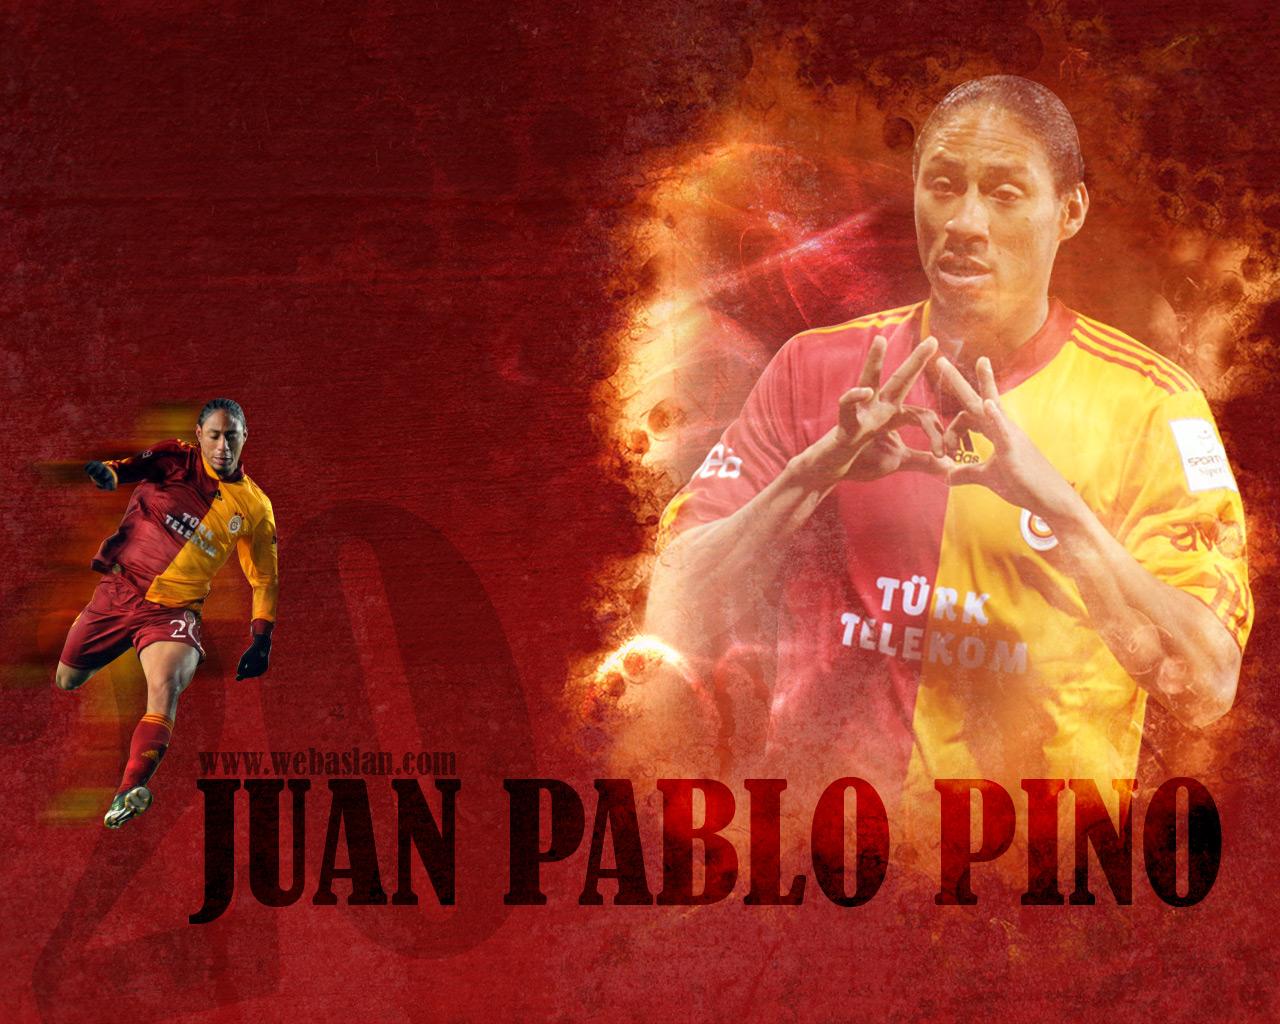 JUAN PABLO PiNO - GALATASARAY SK 2010/2011 - *EL MAGO*